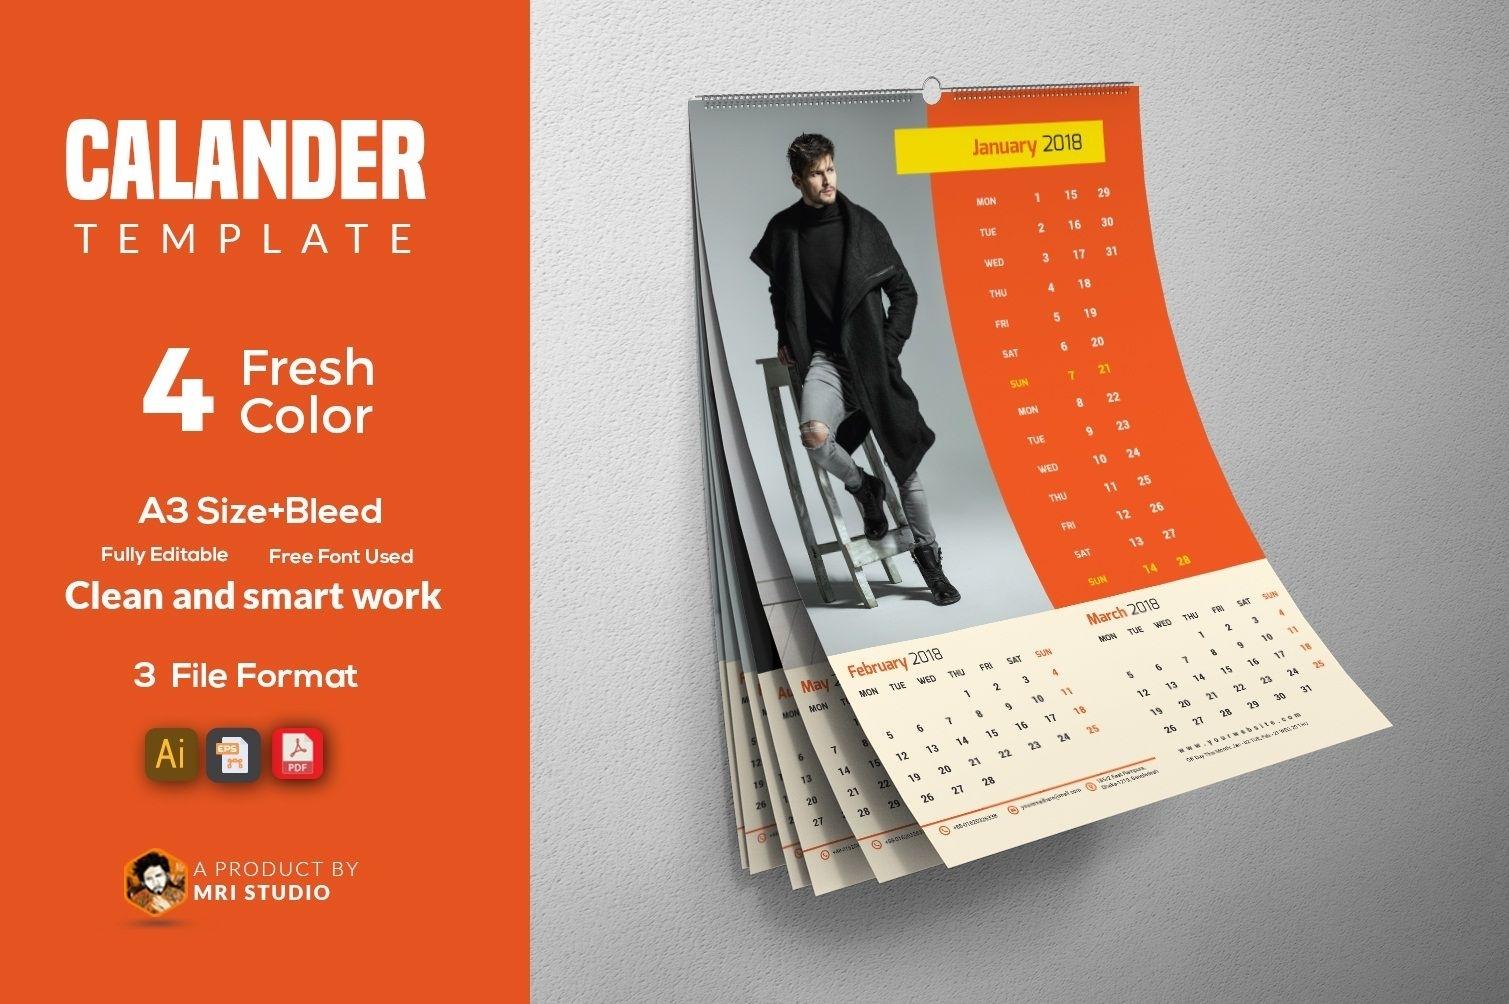 Wall Calander Template | Modern Calendar, Stationery Calendar Template Graphic Design